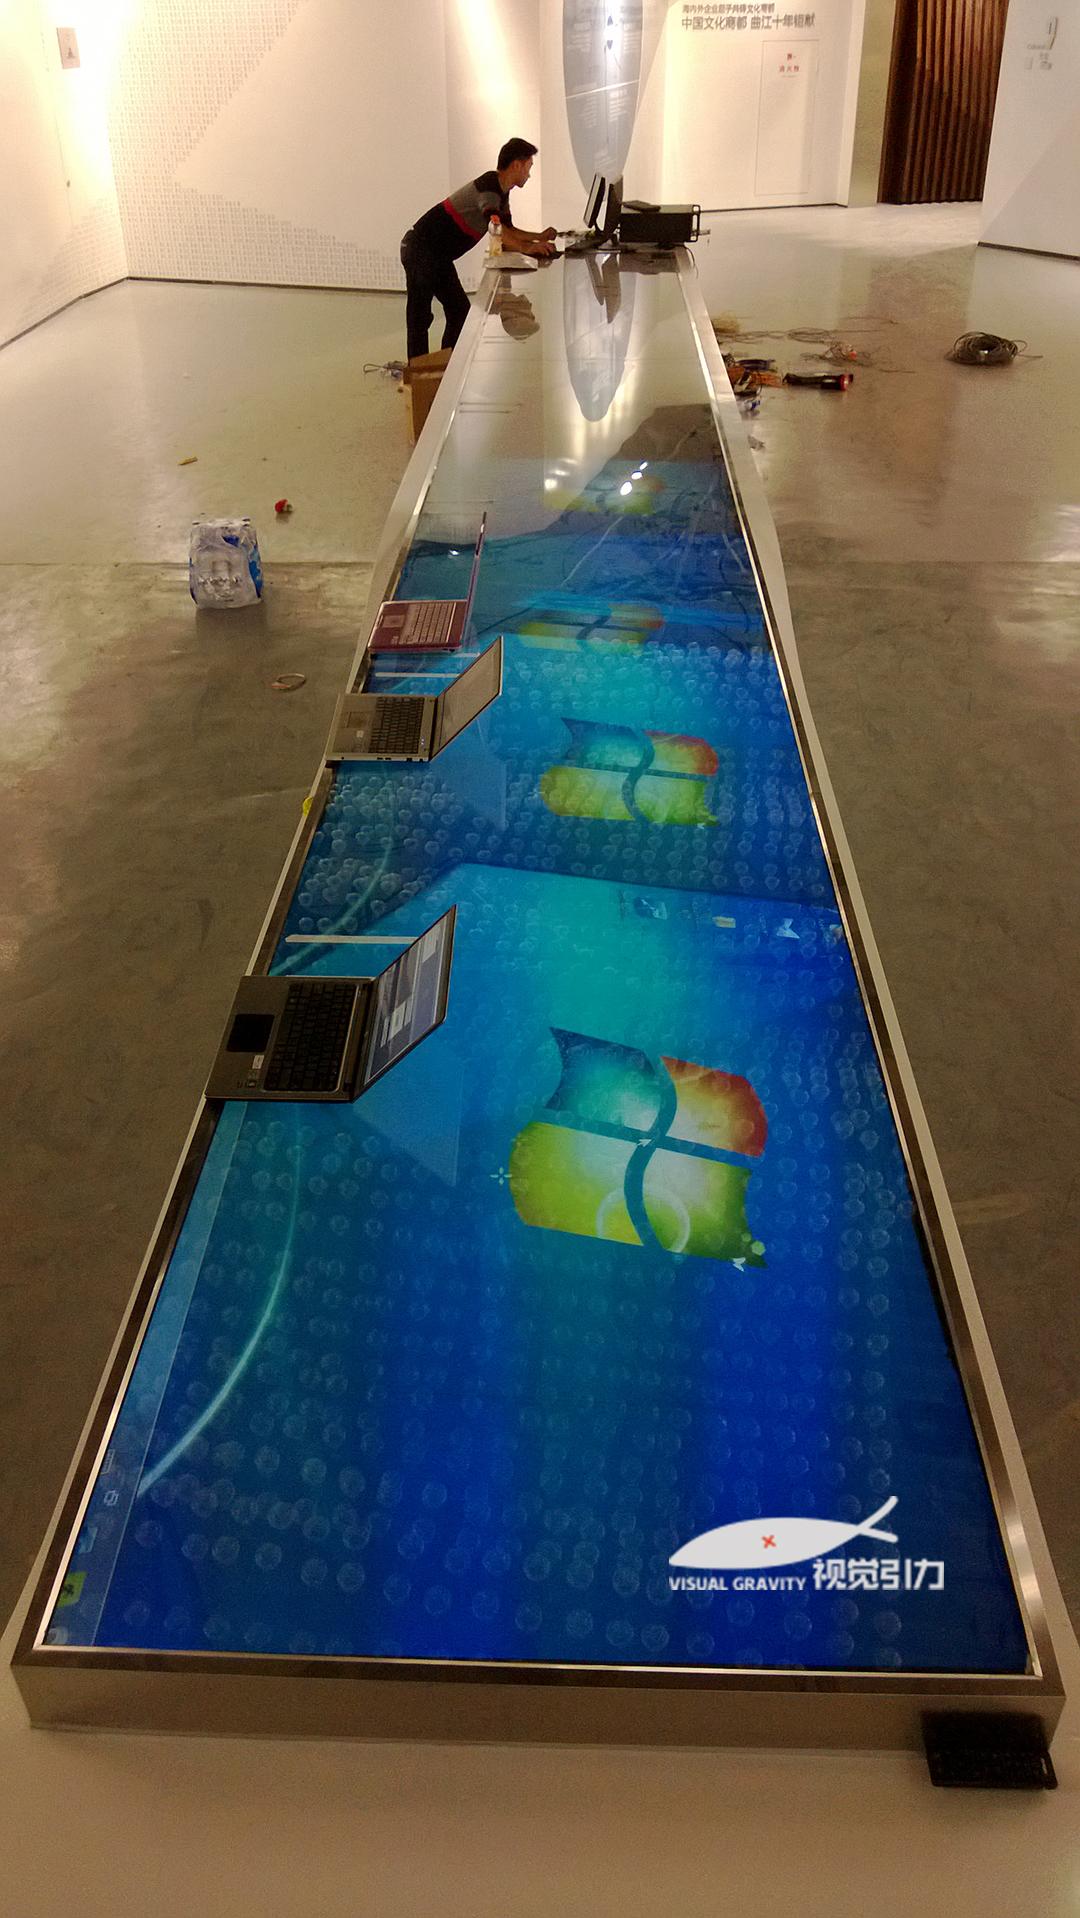 西安游戏互动长桌设备,互动长桌系统报价